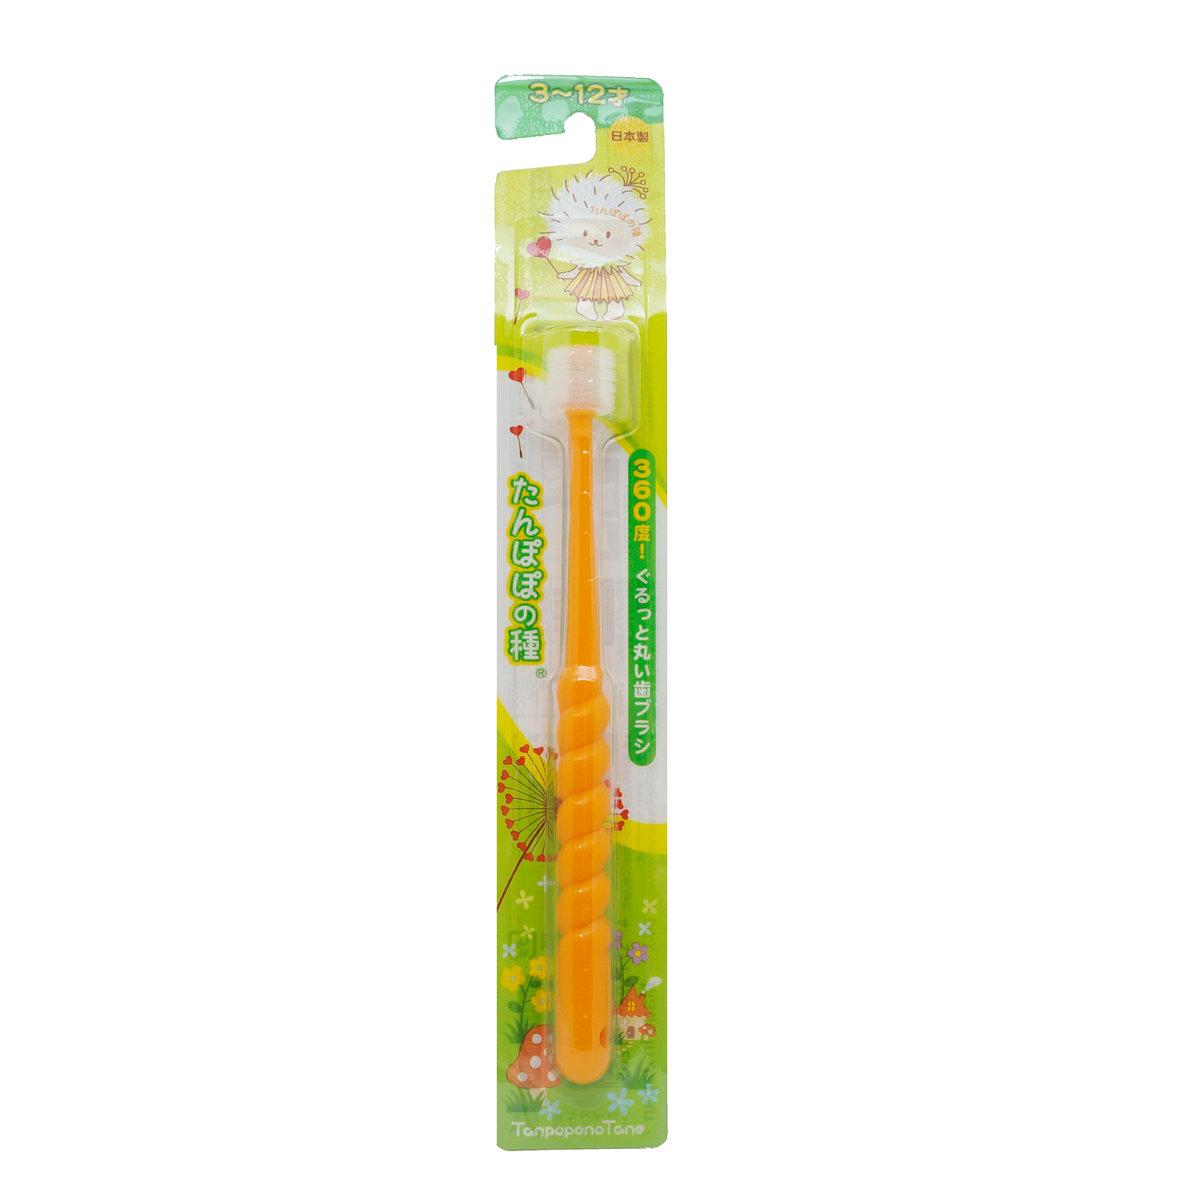 蒲公英 360do DKI-A 兒童牙刷 14.5mm  (顏色隨機發貨) 4571196891209/4571196891483 / 4571196892411